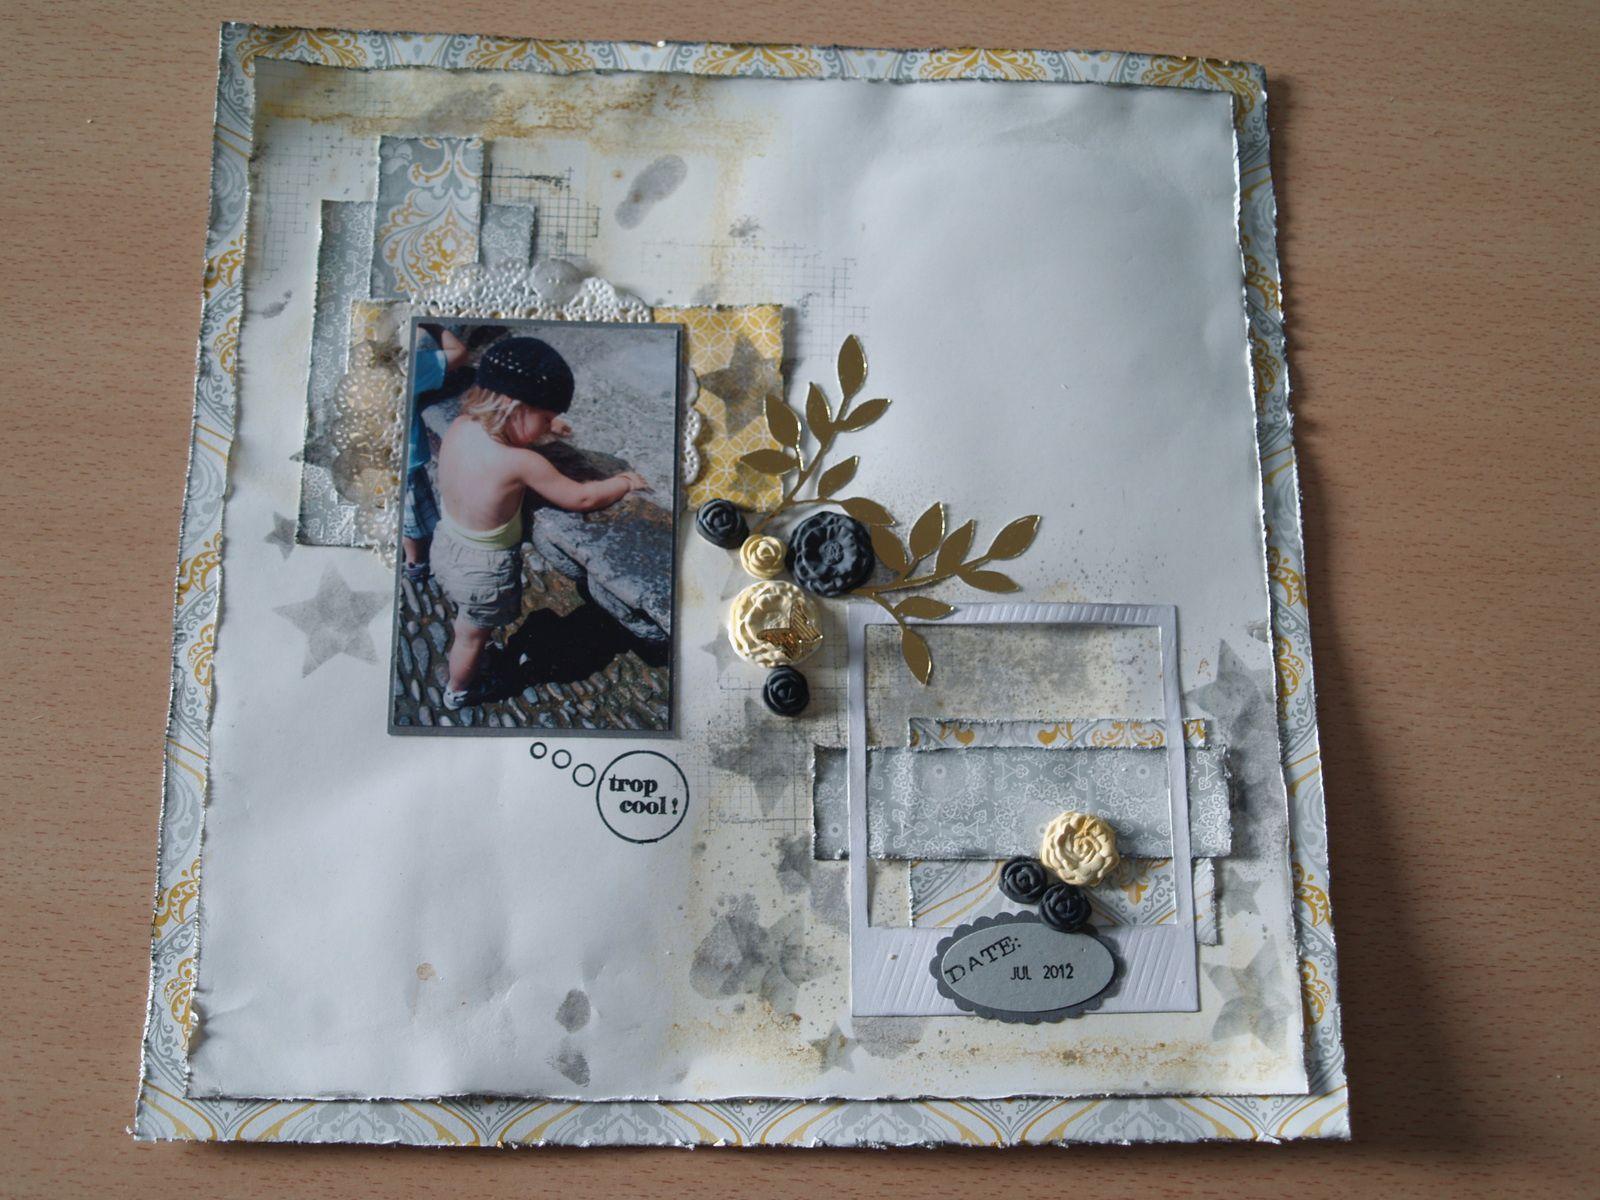 """Papiers cartonnés murmure blanc et ardoise bourgeoise&#x3B; Framelits """"C'est dans la boîte"""",""""çà bulle"""", """"Pour aller danser"""" et rameau d'olivier&#x3B; papiers imprimés Elégance levantine et Douce esquisse&#x3B; papier argile&#x3B; sets de tampons """"Agréables pensées"""", """"Bright Blossoms"""" et """"çà bulle""""&#x3B; tampon rotatif This and That&#x3B; ruban argent."""